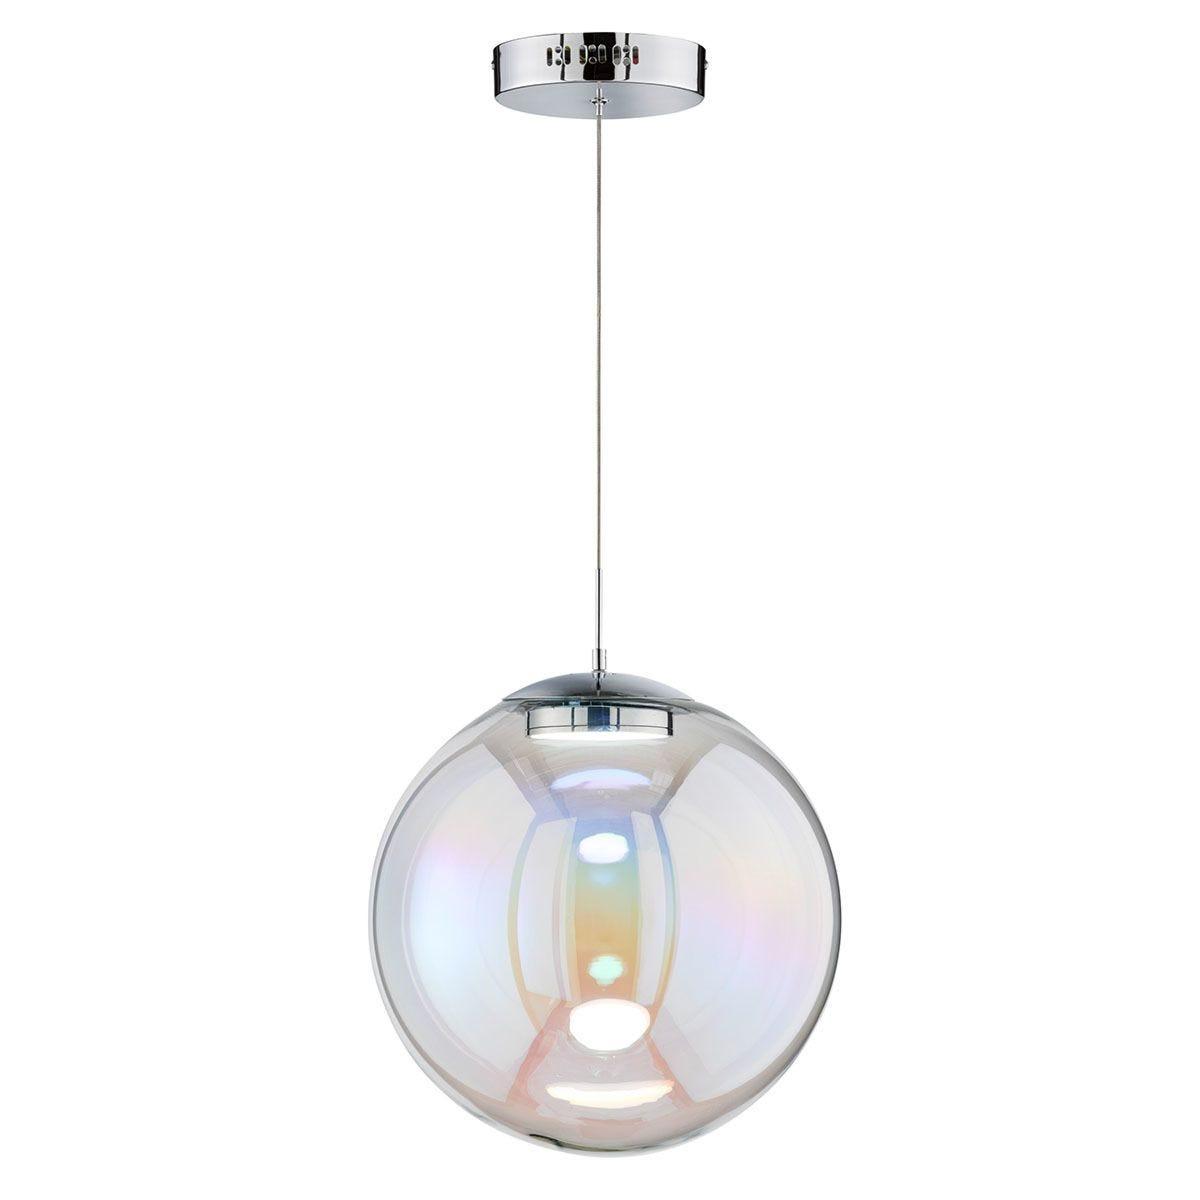 Wofi Grace Pendant Light - Chrome - LED (14W)